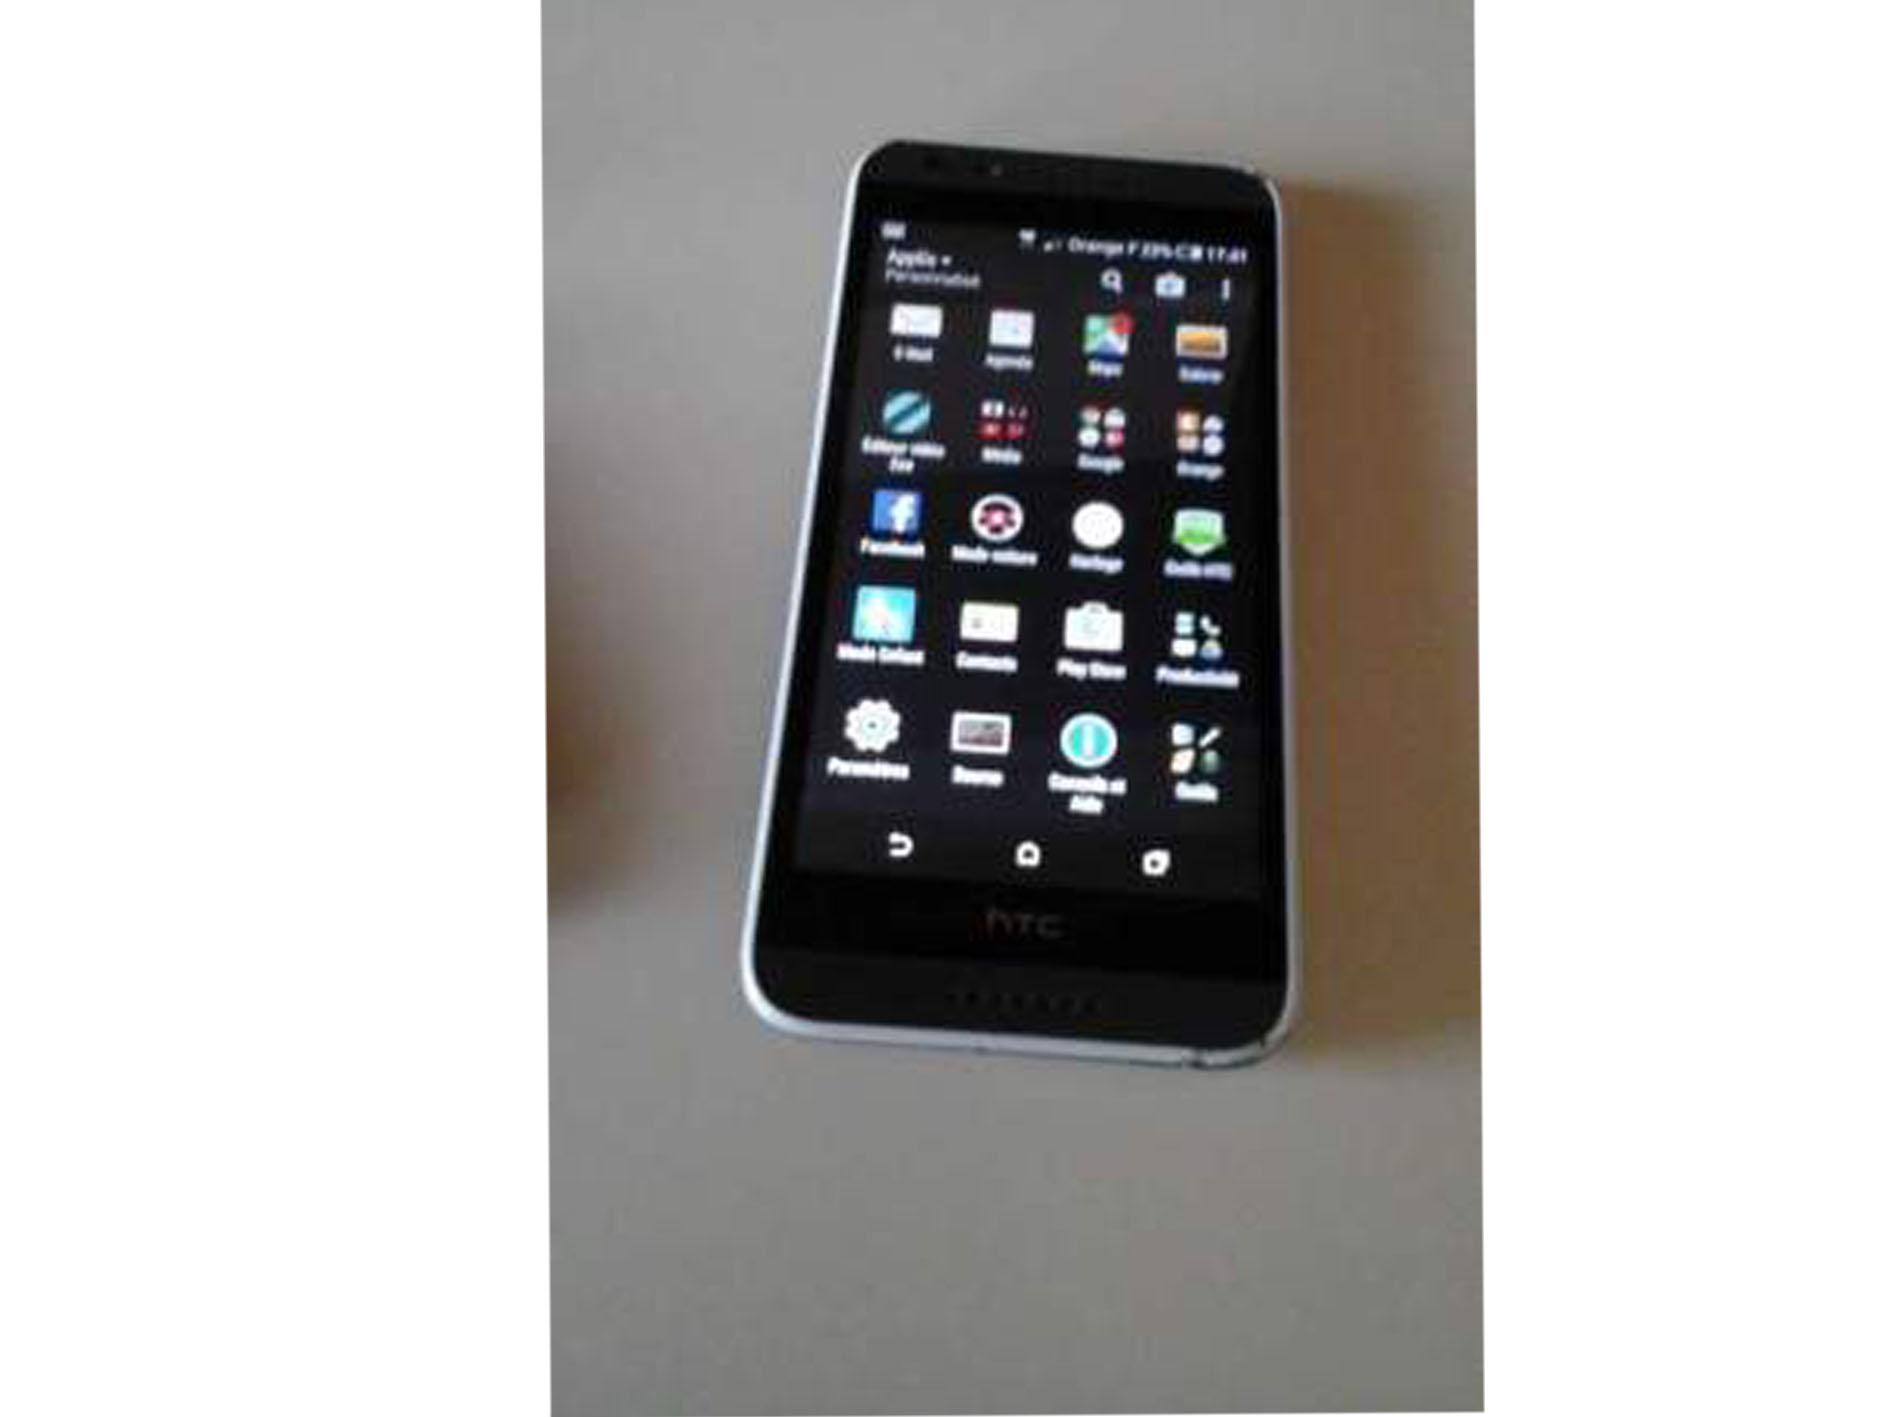 Vente de HTC Desire 620